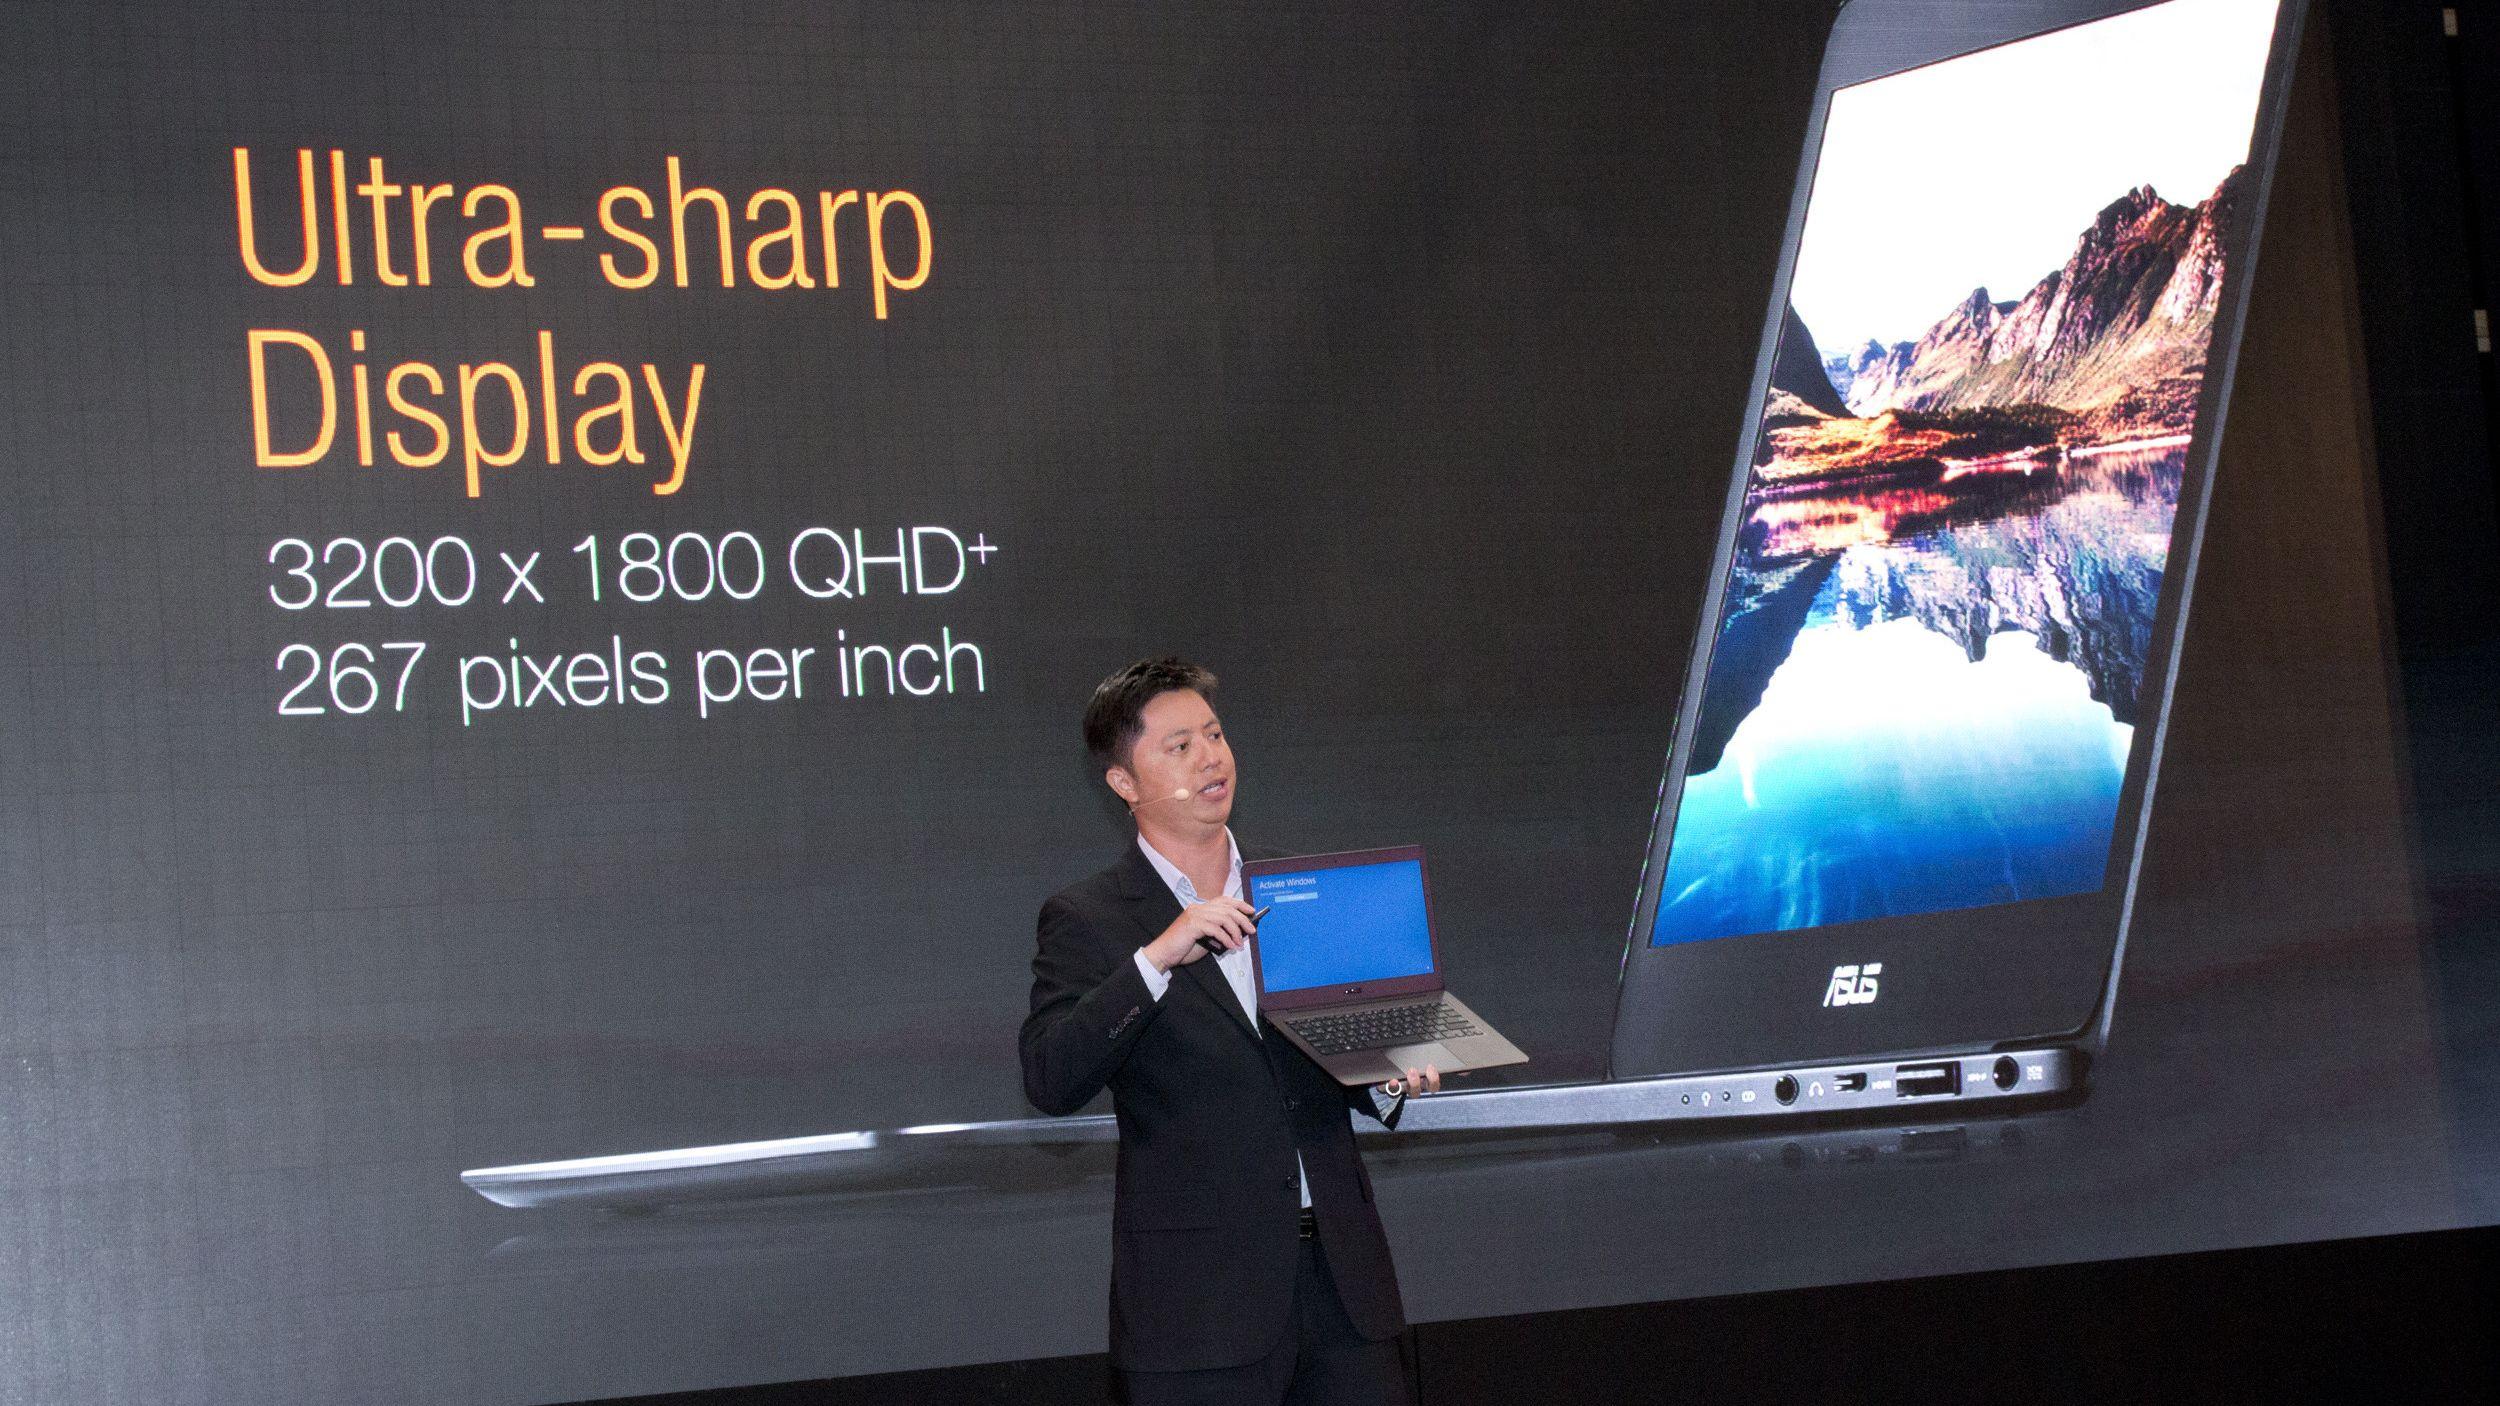 Asus' nye laptop er lekker og har skyhøy oppløsning